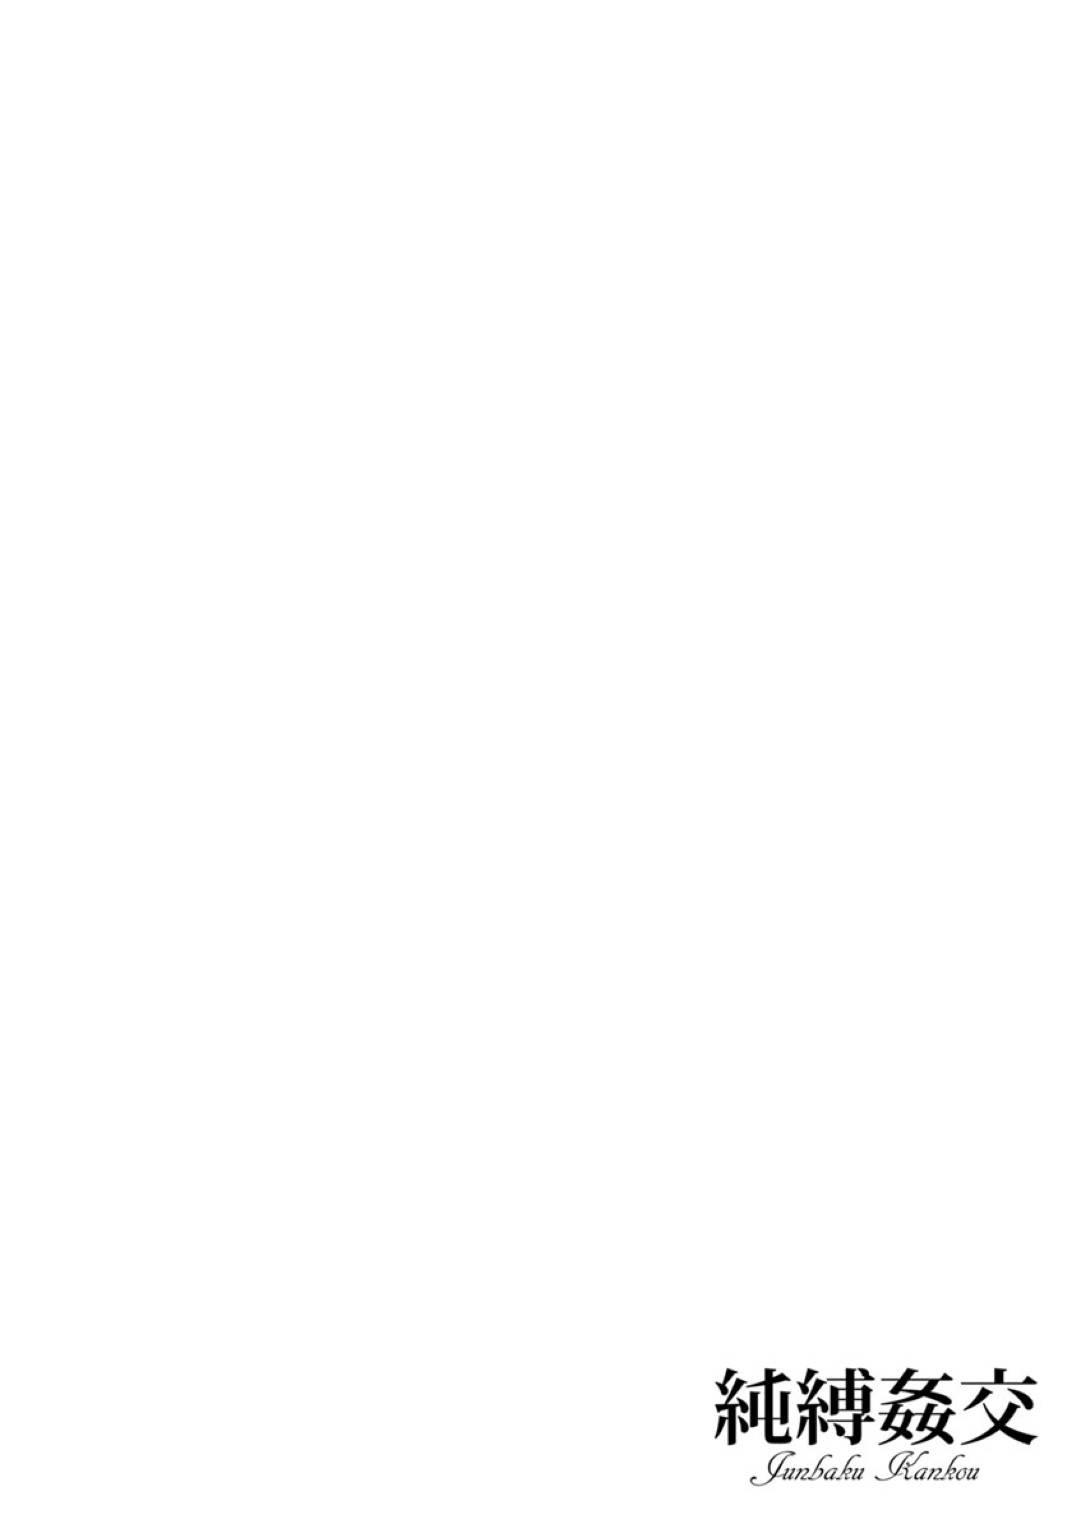 【エロ漫画】船上パーティーに参加中、嵐に襲われ謎の島に漂着した巨乳お嬢様…島の原住民の男に連れられ村で吊るされてしまう!食べられると思い恐怖に怯えるお嬢様の前にチンポを差し出されいきなり口内射精!女性がお嬢様のみの島で孕まされるまで中出しされる!【鬼島大車輪】